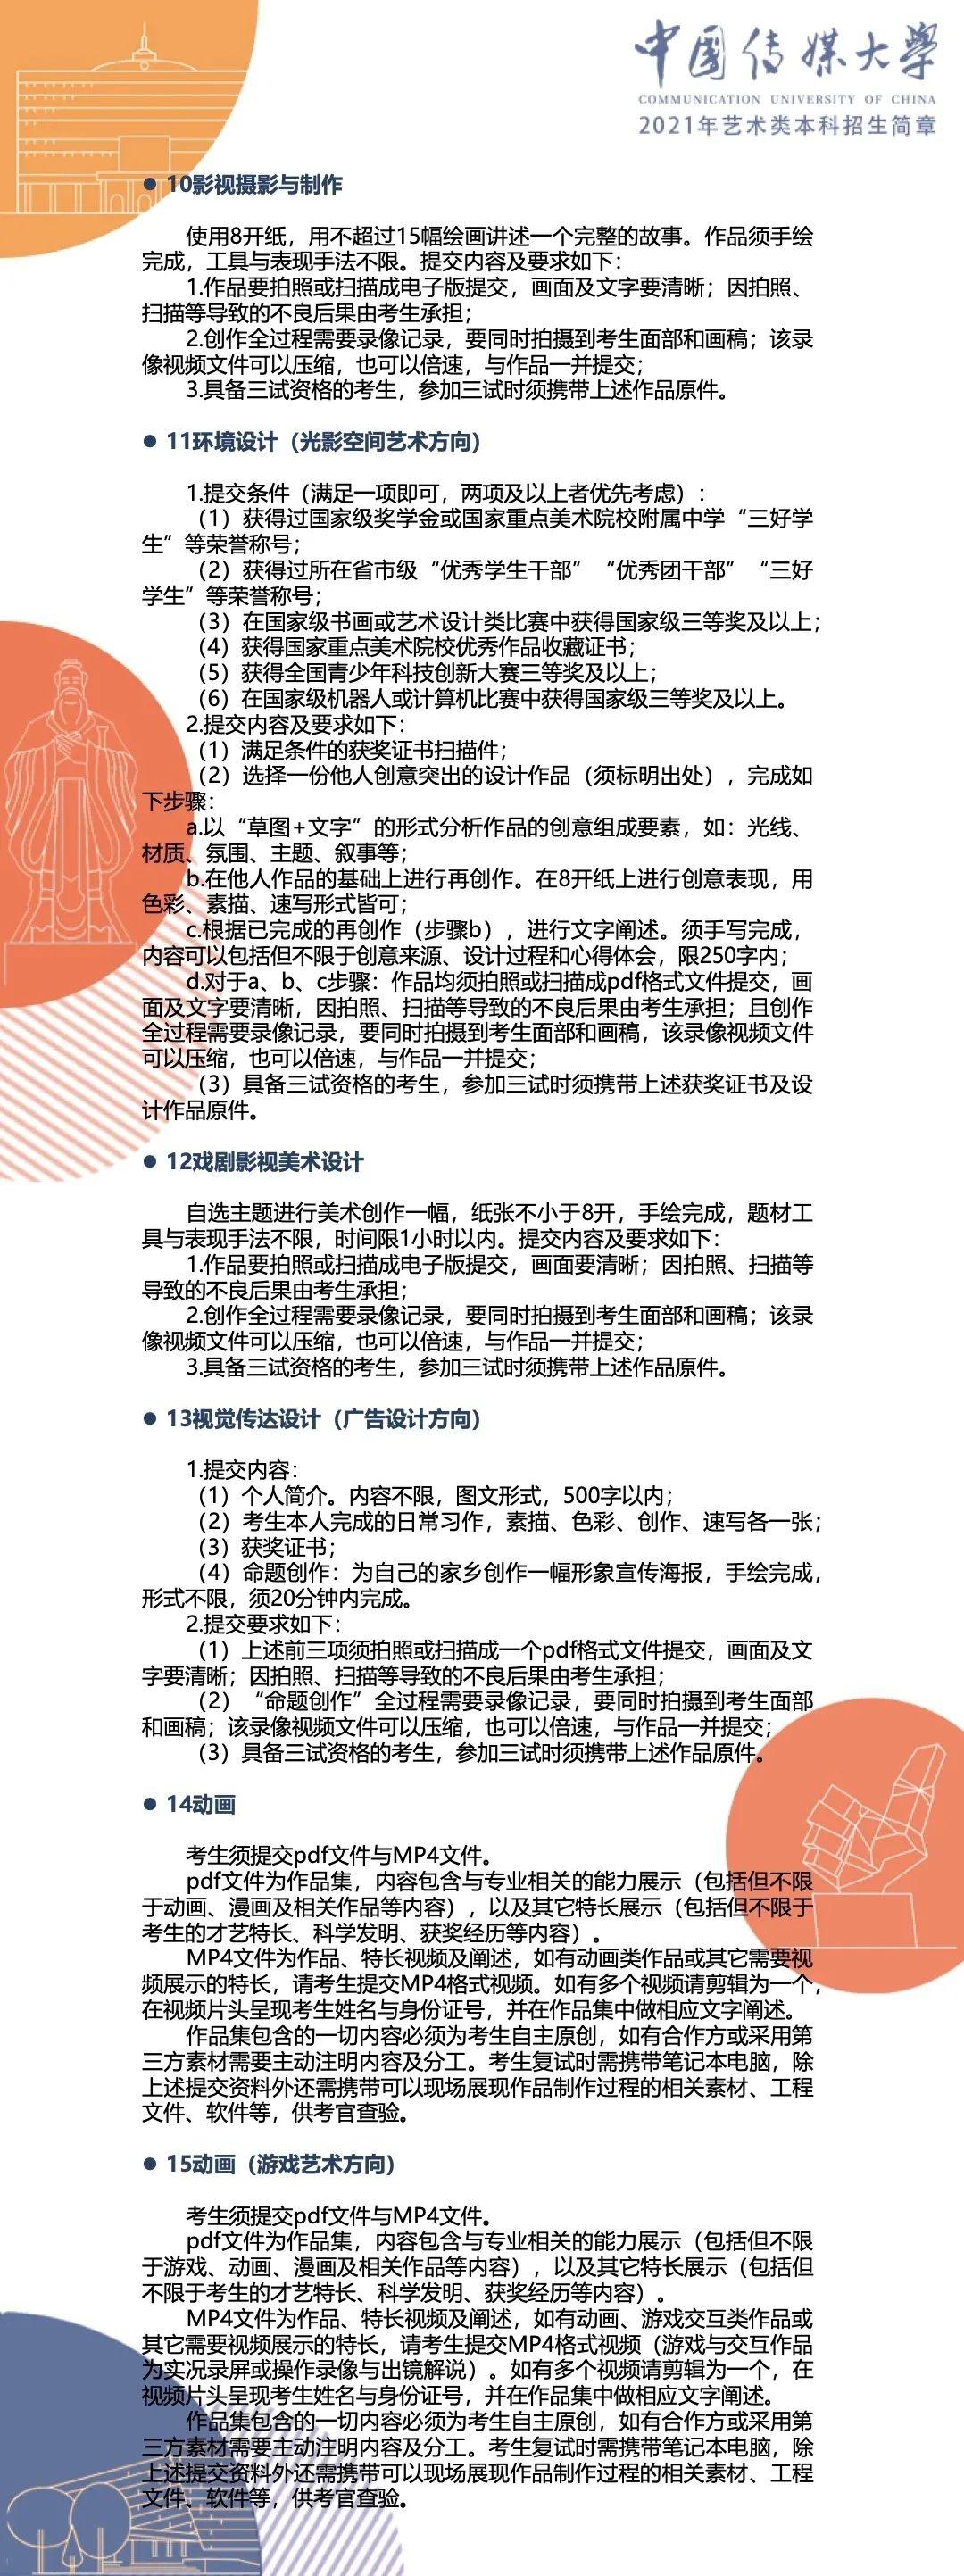 中国传媒大学2021年艺术类本科招生简章13